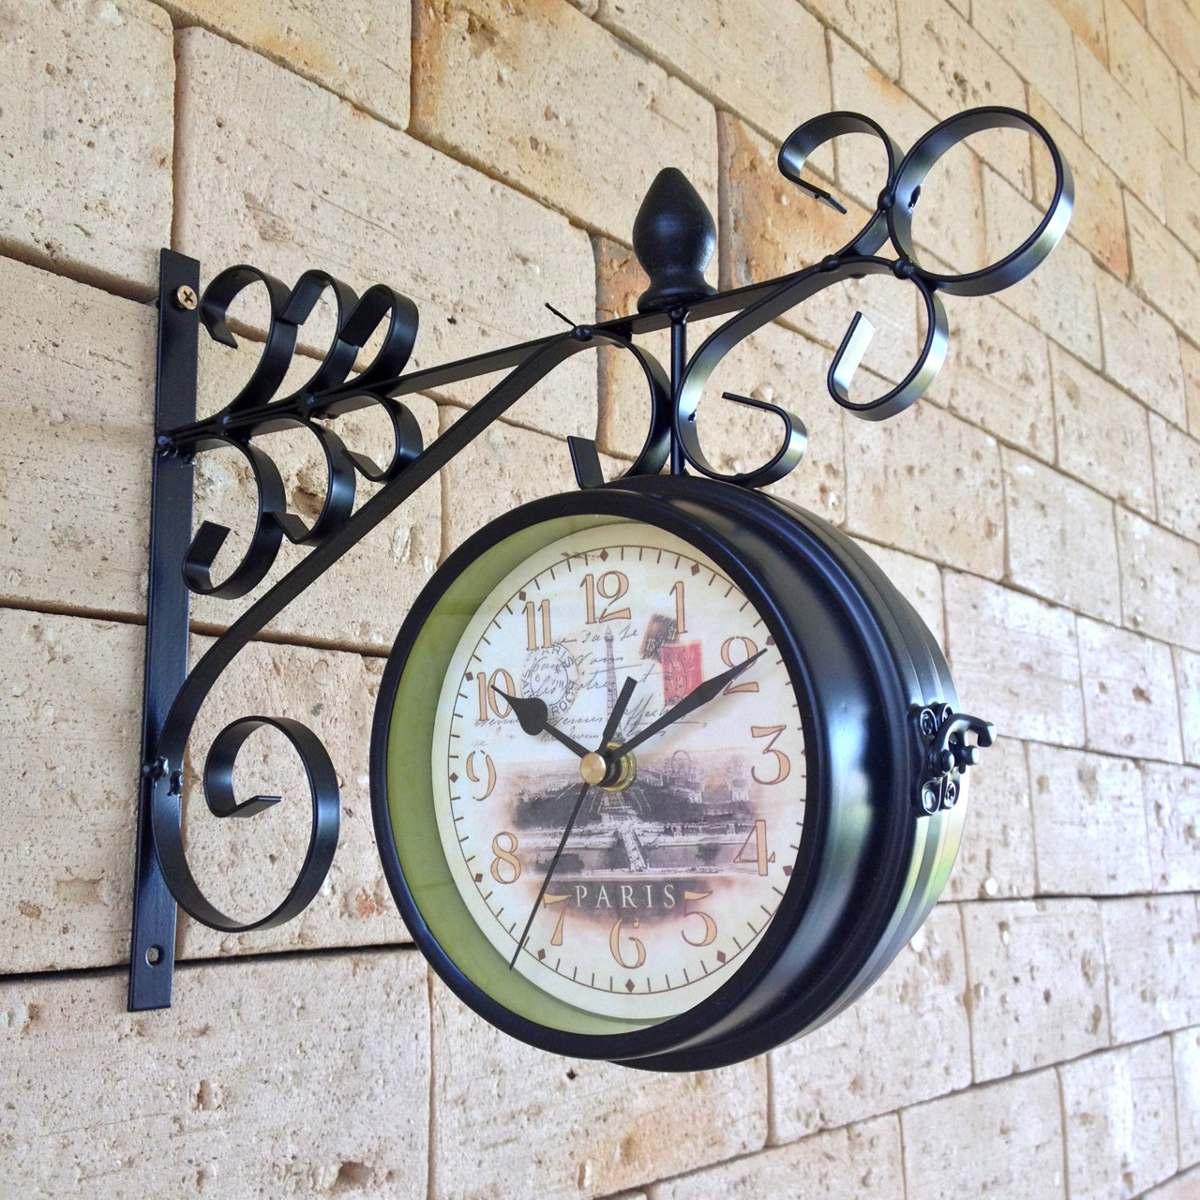 610e0c38405 relógio de parede estação paris dupla face retrô 12cm. Carregando zoom.